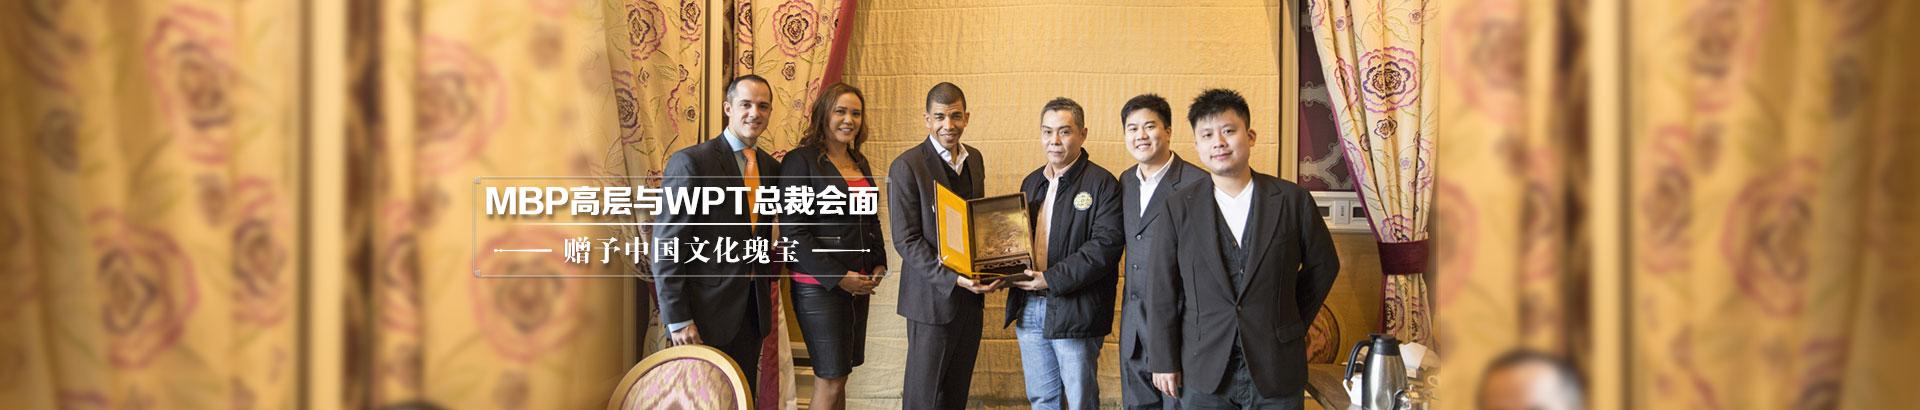 MBP高层与WPT总裁会面 赠予中国文化瑰宝